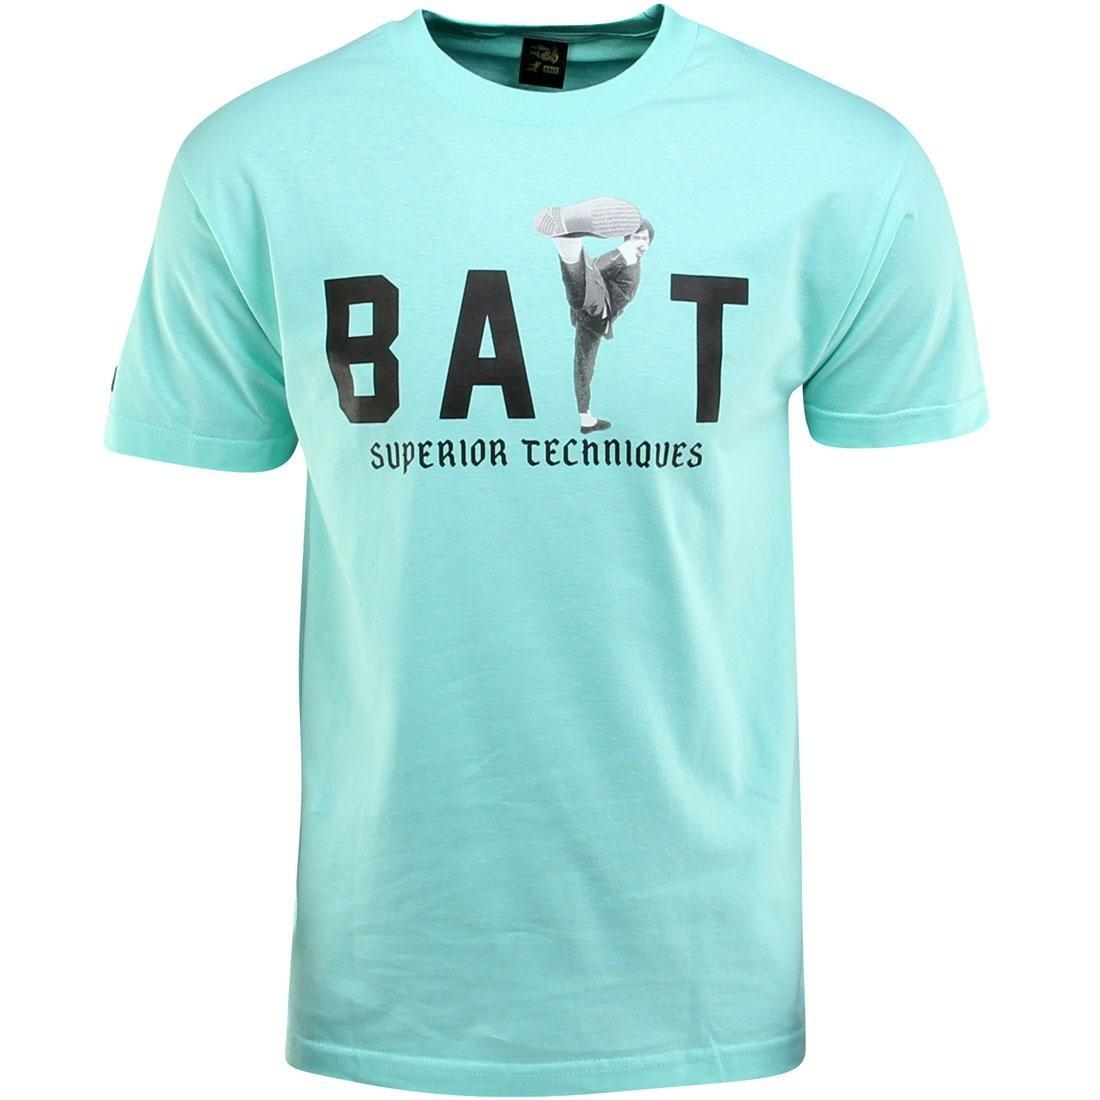 【海外限定】ハイ キック Tシャツ メンズファッション トップス 【 BAIT X BRUCE LEE HIGH KICK TEE TEAL CELADON BLACK 】